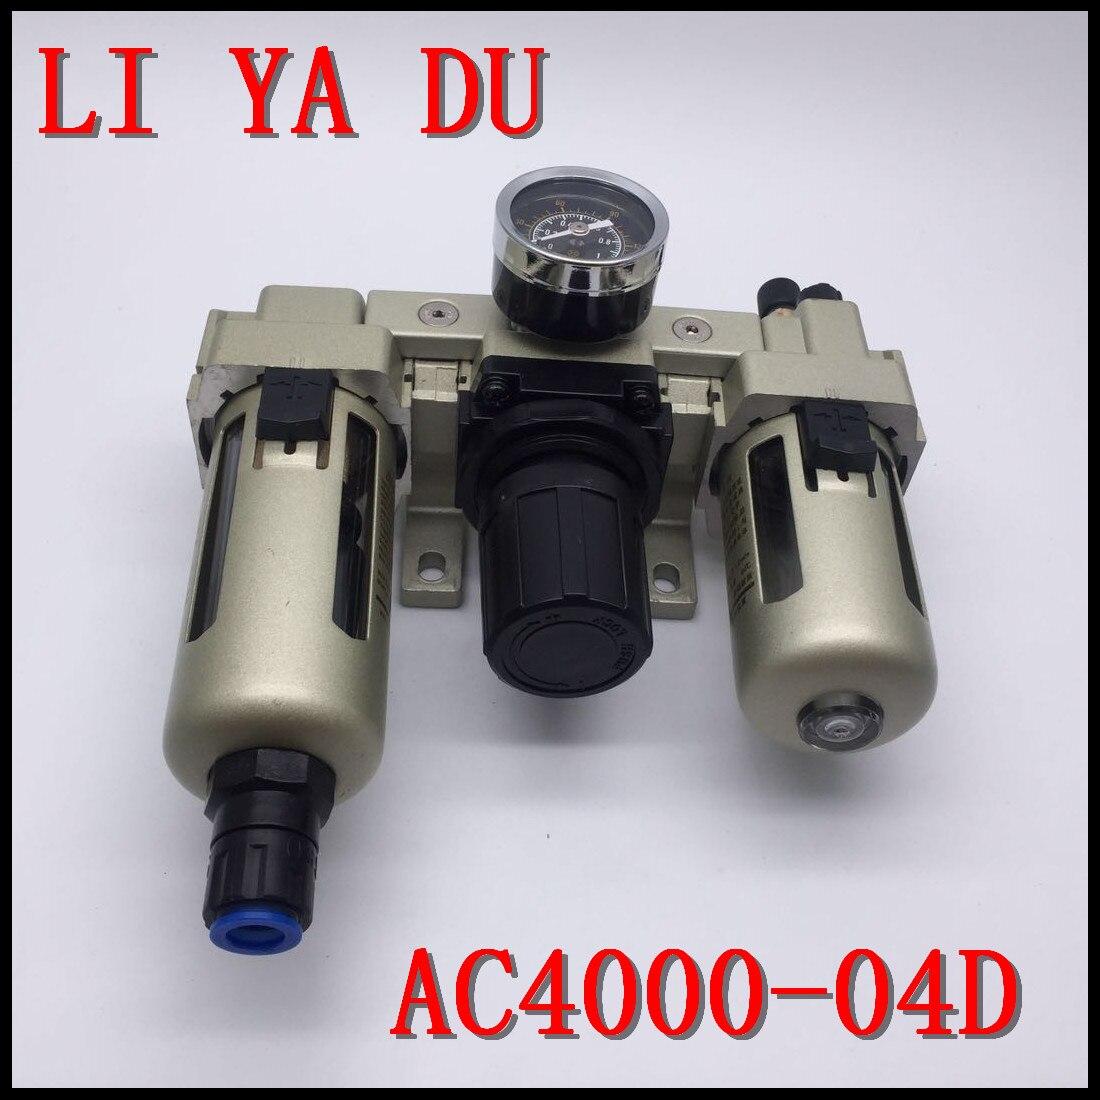 AC4000-04D G1/2 pièces Sanlian séparateur d'huile et d'eau filtre compresseur d'air réduire la soupape de régulation de pression vidange automatique